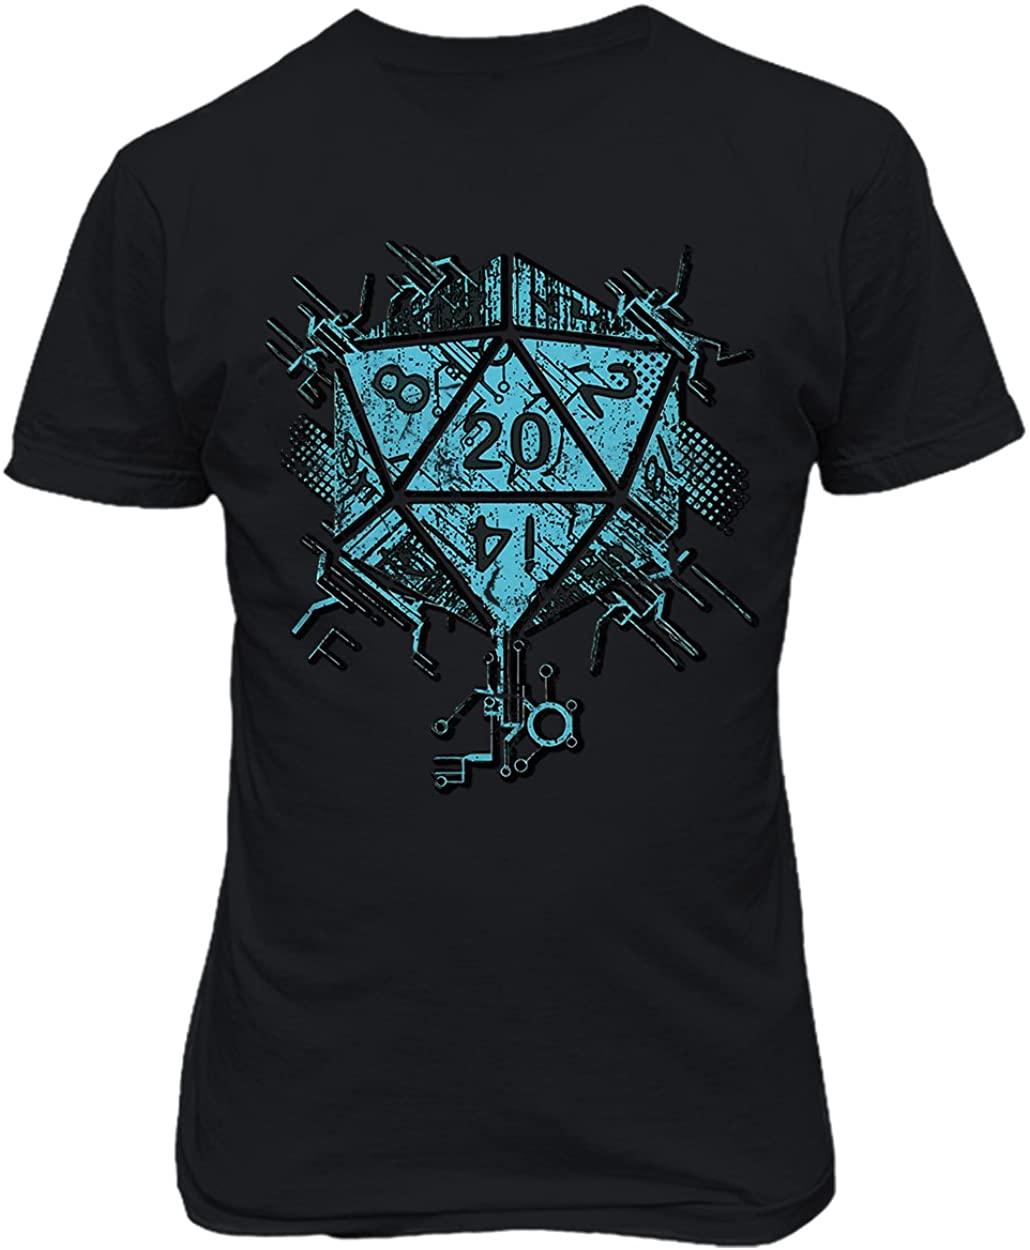 RIVEBELLA New Graphic Shirt Cyber Dice DND DandD Novelty Tee Dungeons Mens T-Shirt